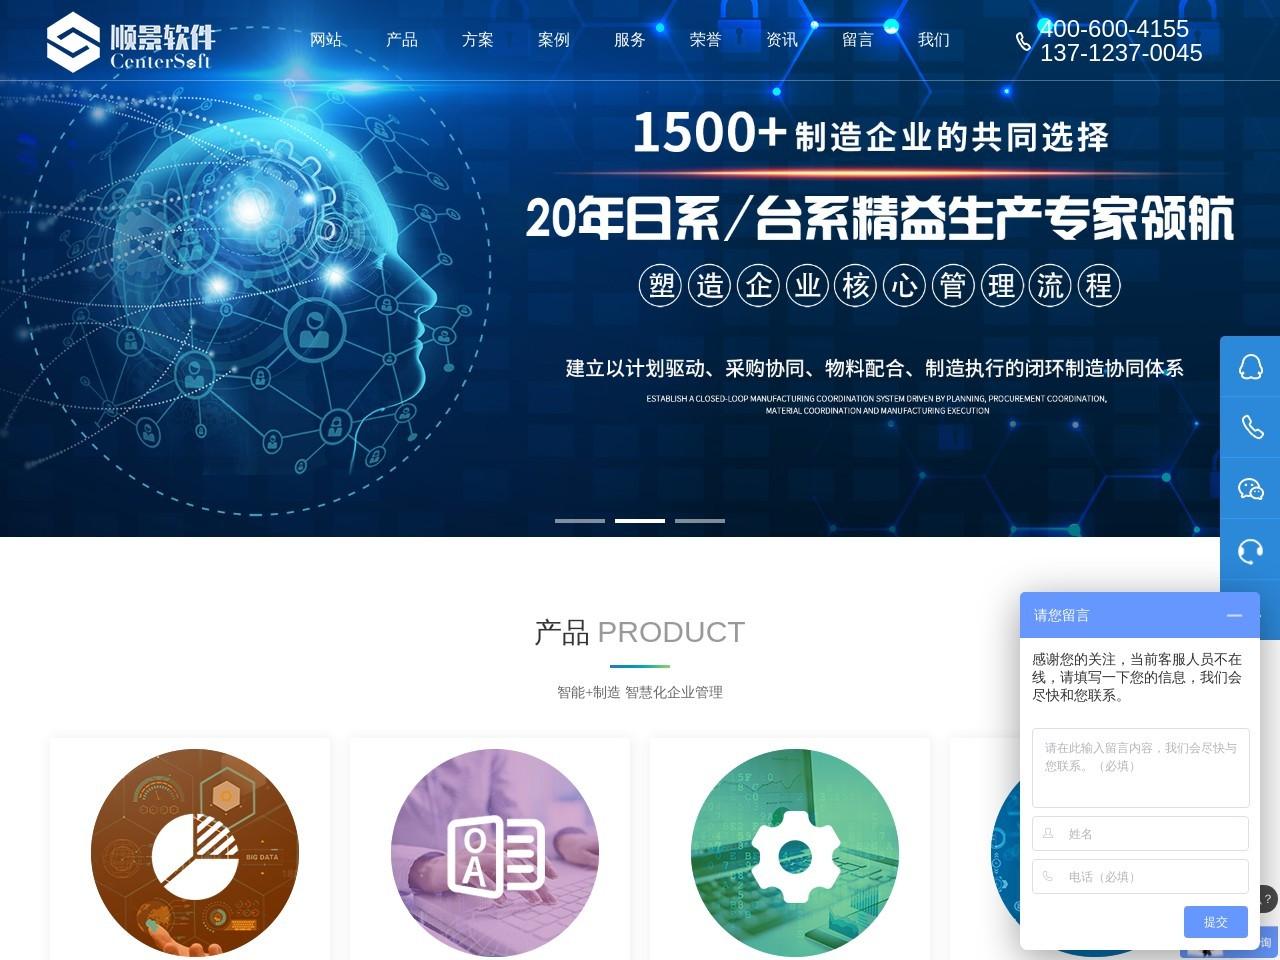 东莞ERP软件_广州云ERP_中山ERP_台湾工厂erp系统-广东顺景软件科技有限公司